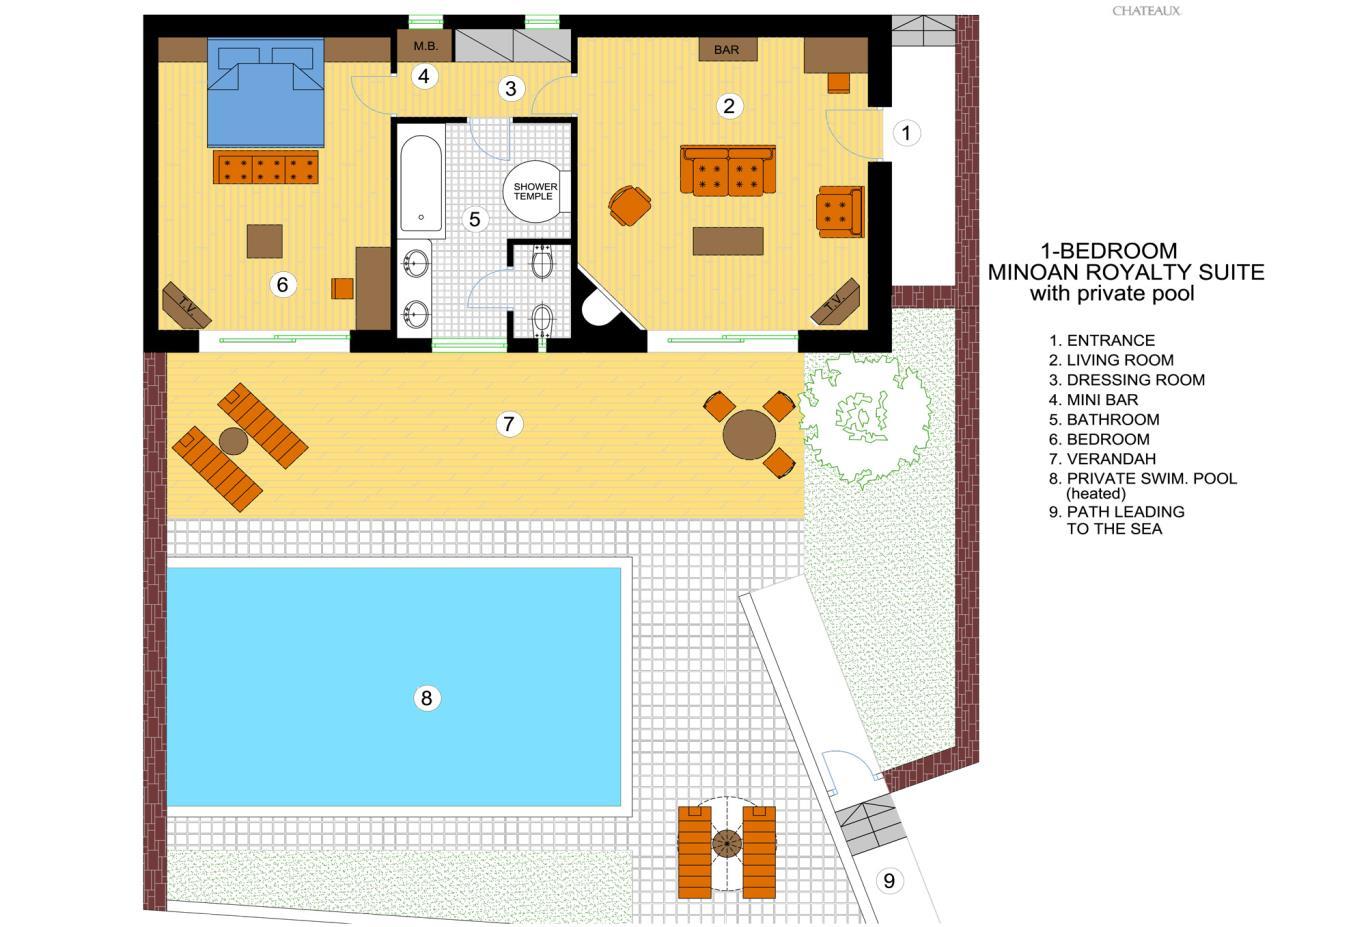 One Bedroom Royalty Suite floorplan